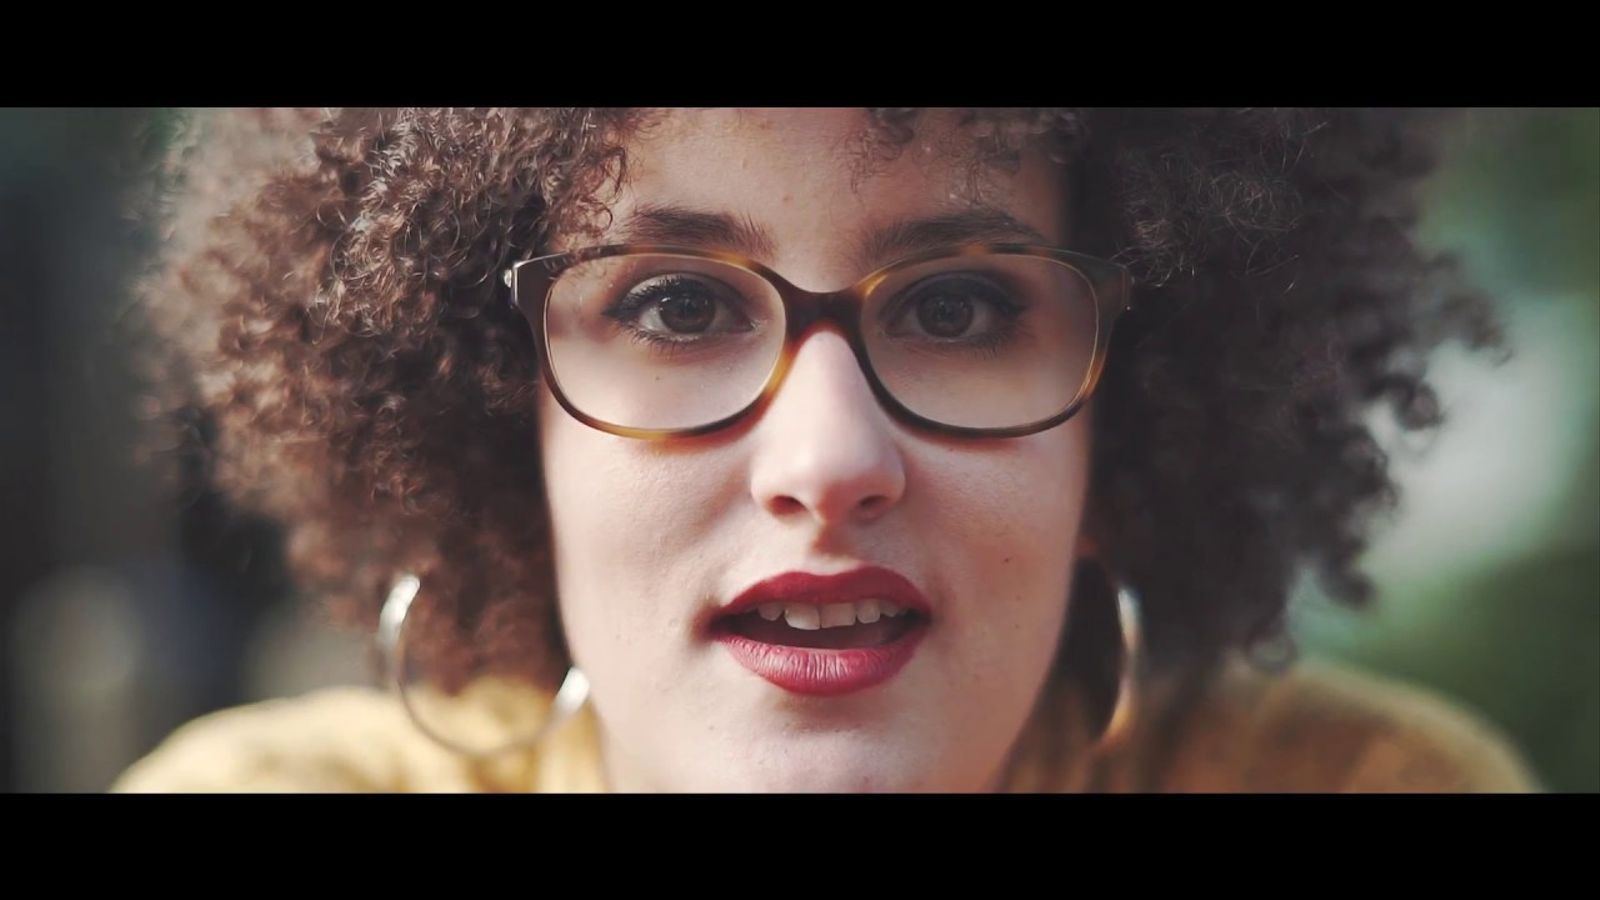 'Ets un desastre', de Maria Lamata